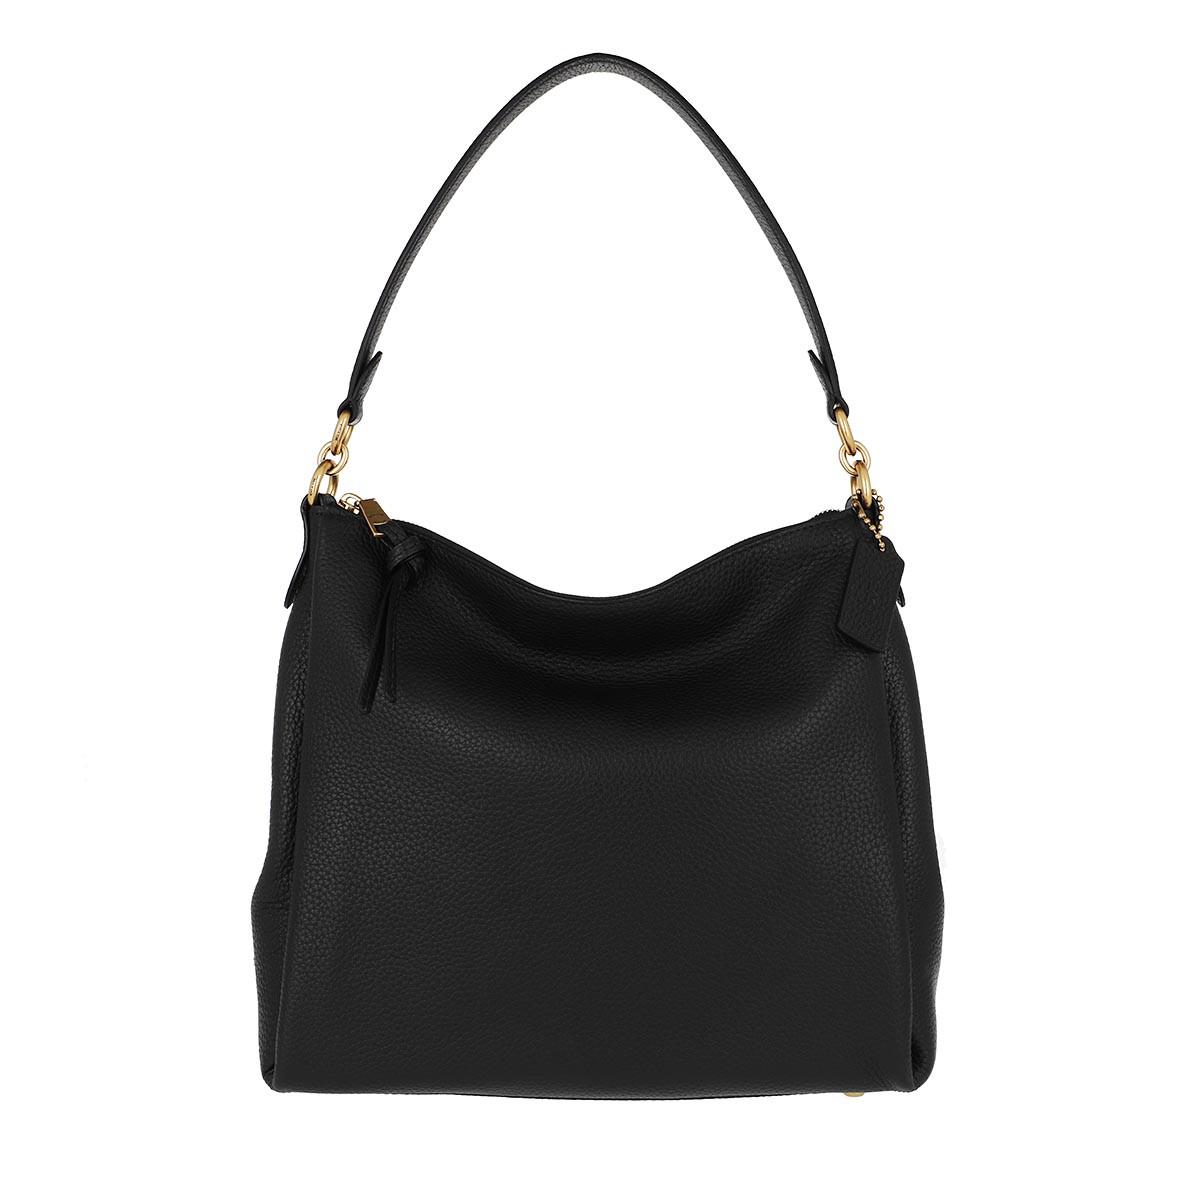 Coach Hobo Bag - Soft Pebble Leather Shay Shoulder Bag Black - in schwarz - für Damen